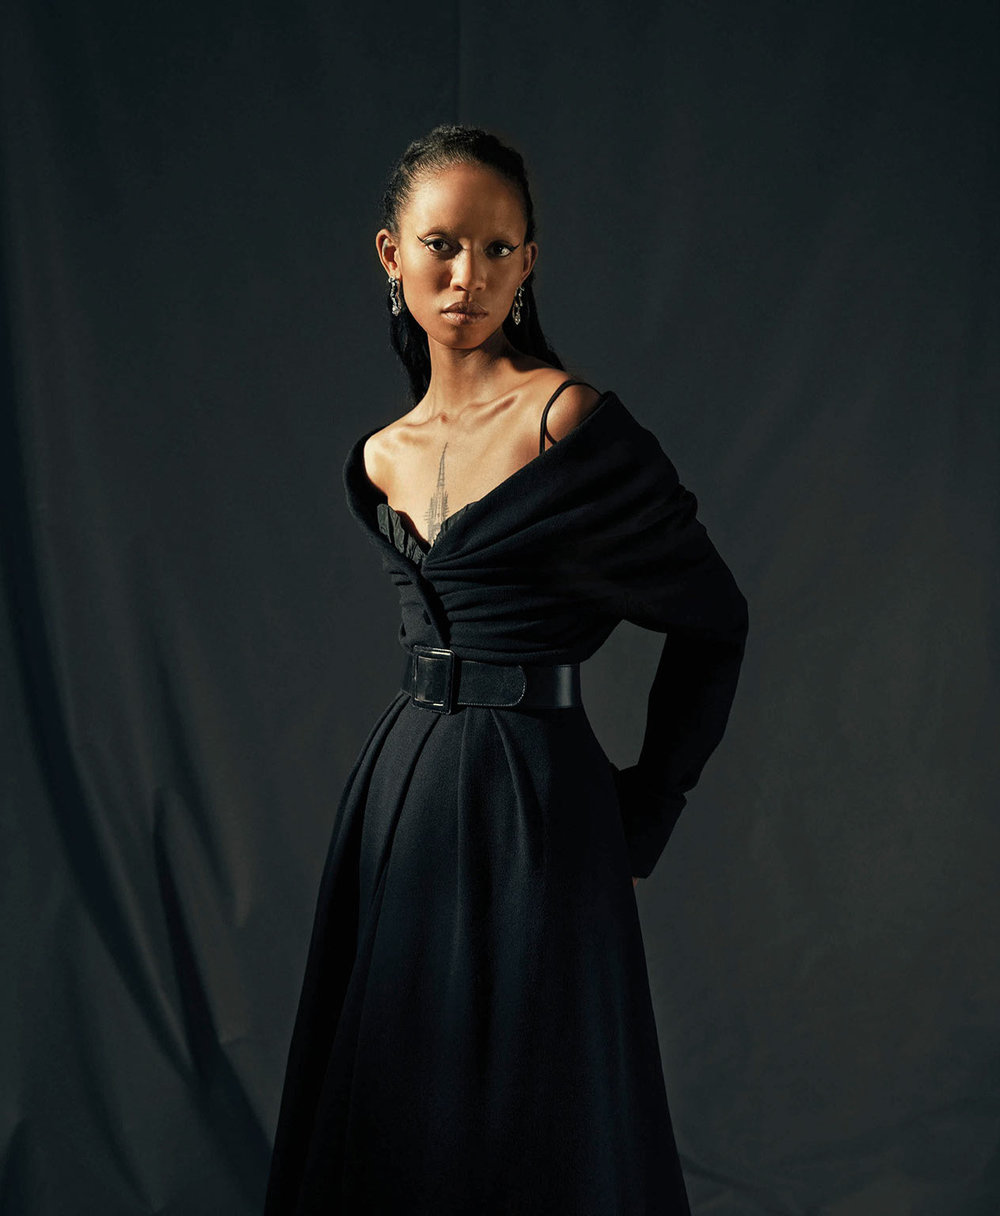 Adesuwa Aighewi by Cecile Bortoletti for Porter Magazine 31 Sp 2019 (3).jpg